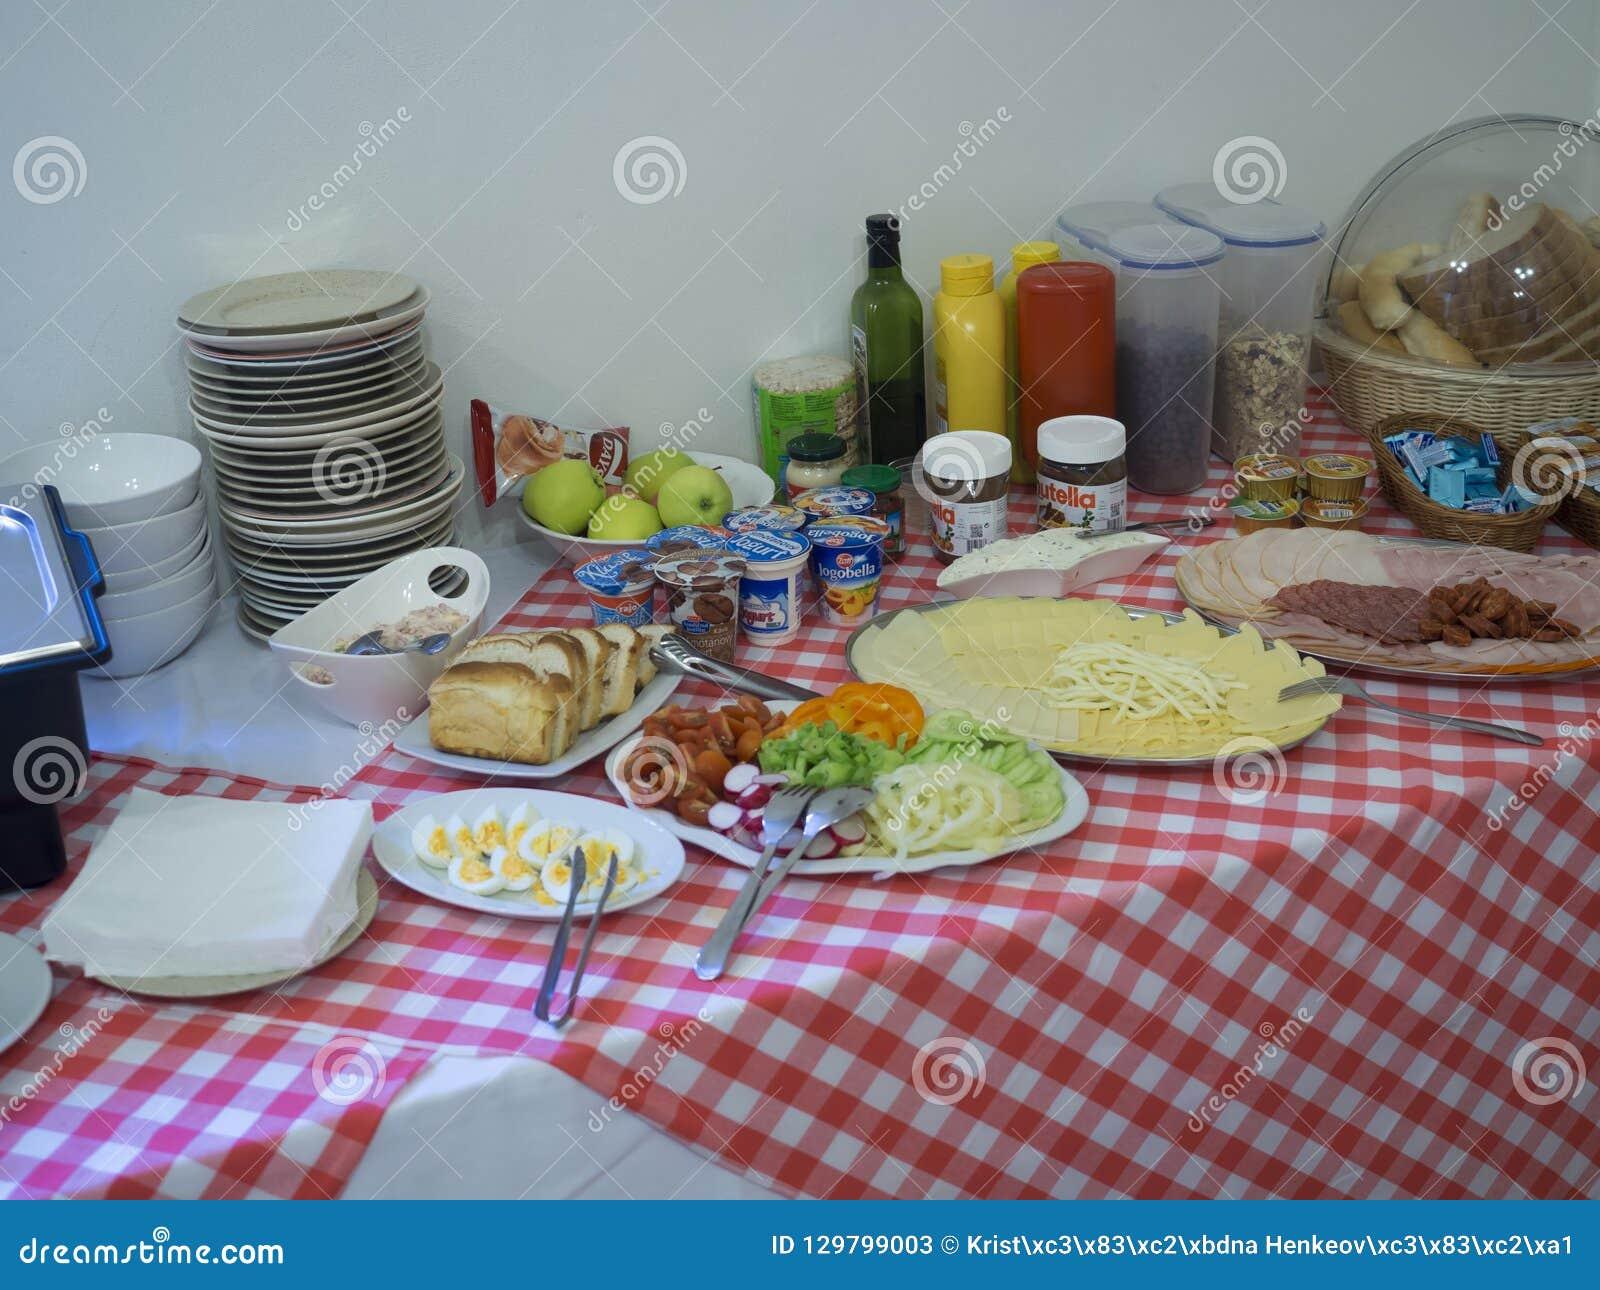 斯洛伐克,高太脱拉山,Stary Smokovec,2018年9月14日:Breakfest自助餐桌用火腿、乳酪、面包和甜点,serv